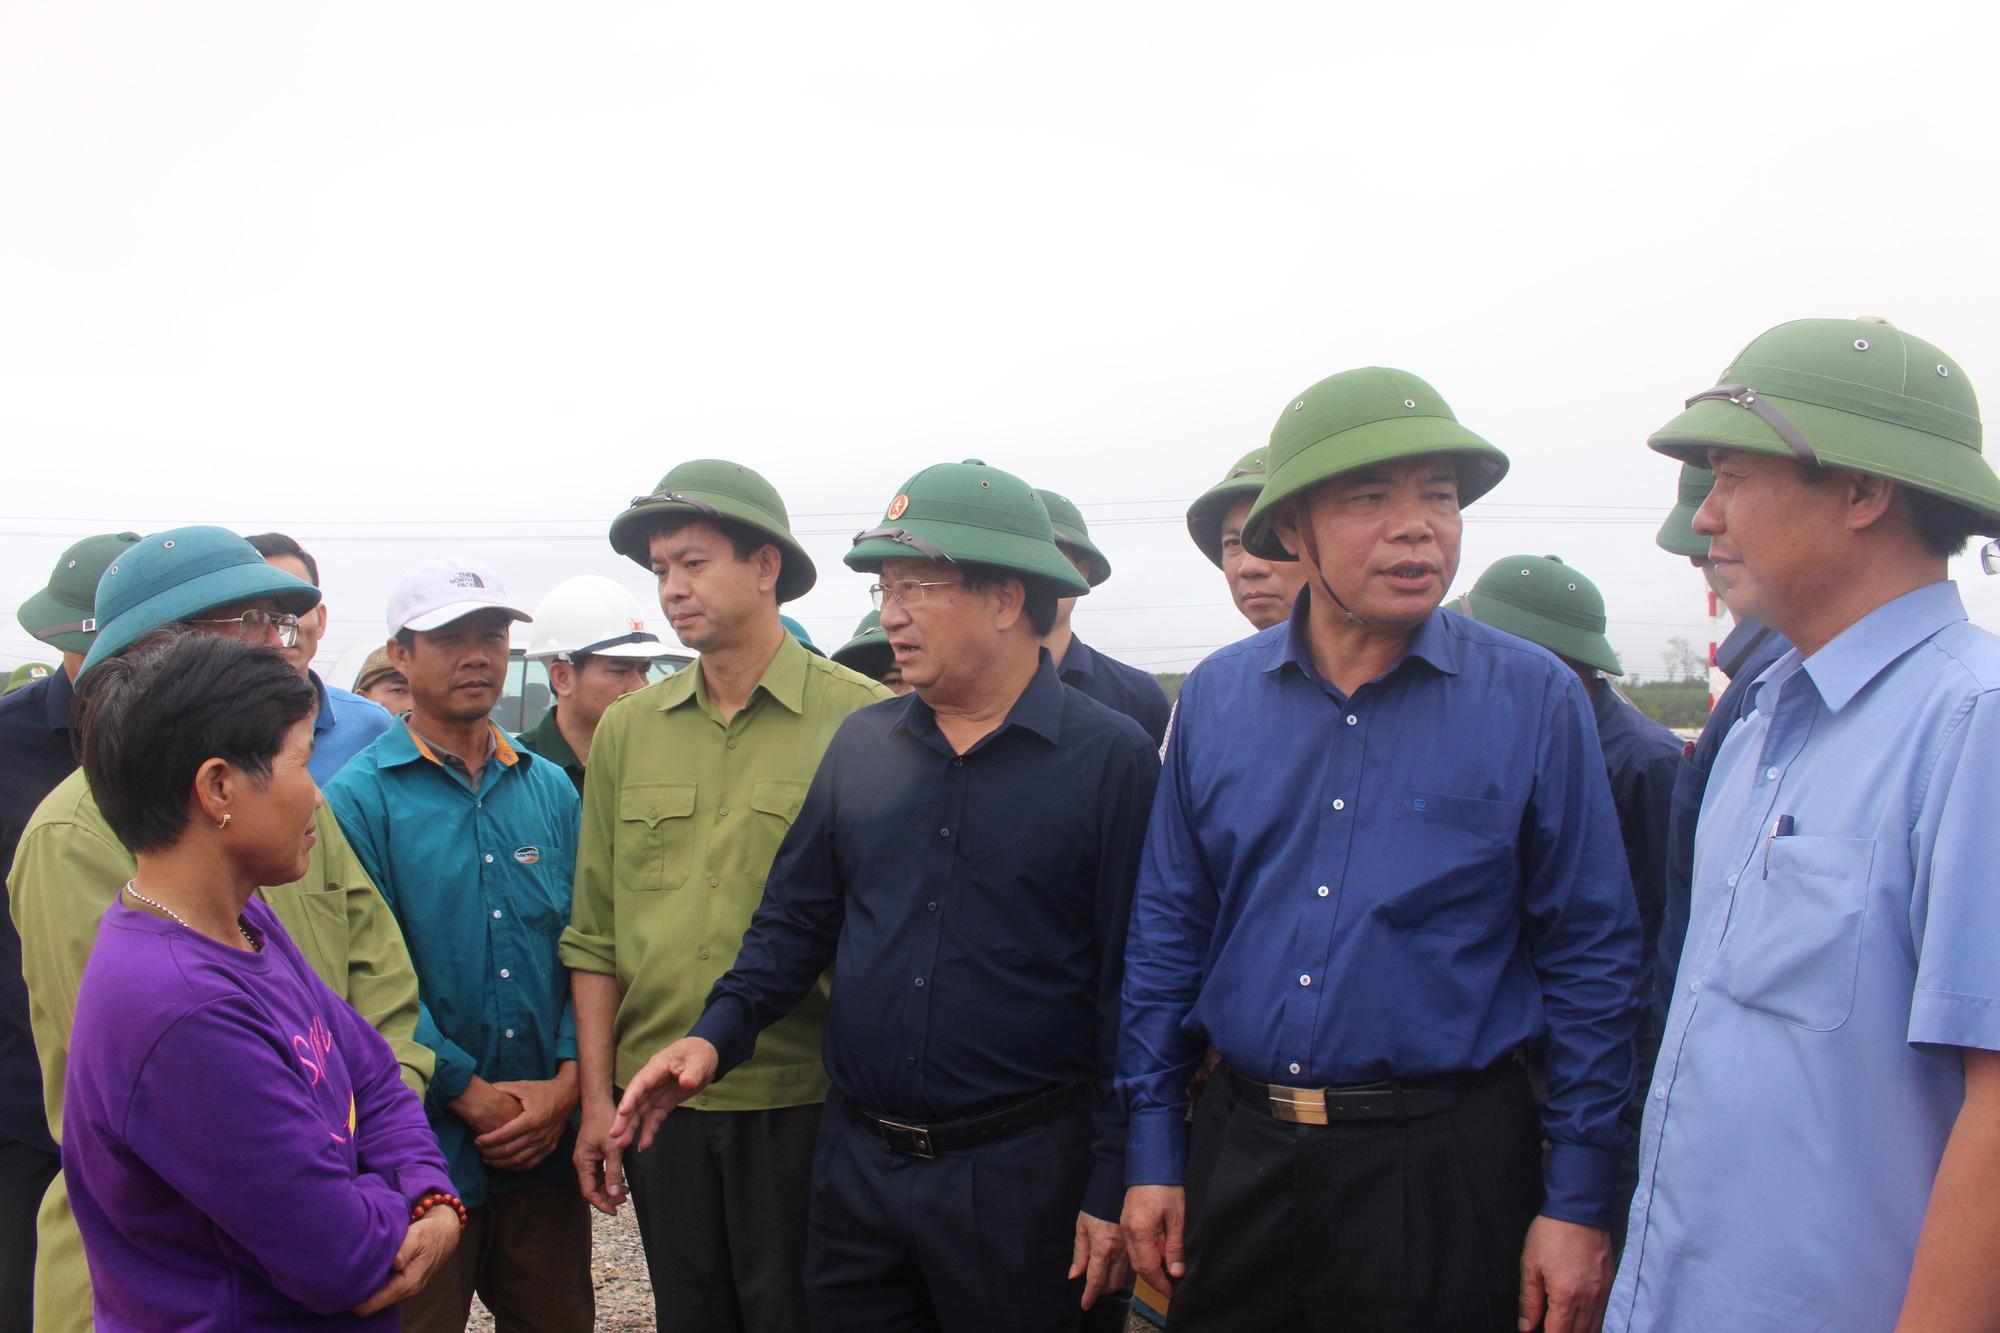 Quảng Trị: Phó Tham mưu trưởng quân khu 4 báo cáo Phó Thủ tướng Trịnh Đình Dũng việc cứu hộ, cứu nạn ở Hướng Hóa - Ảnh 1.